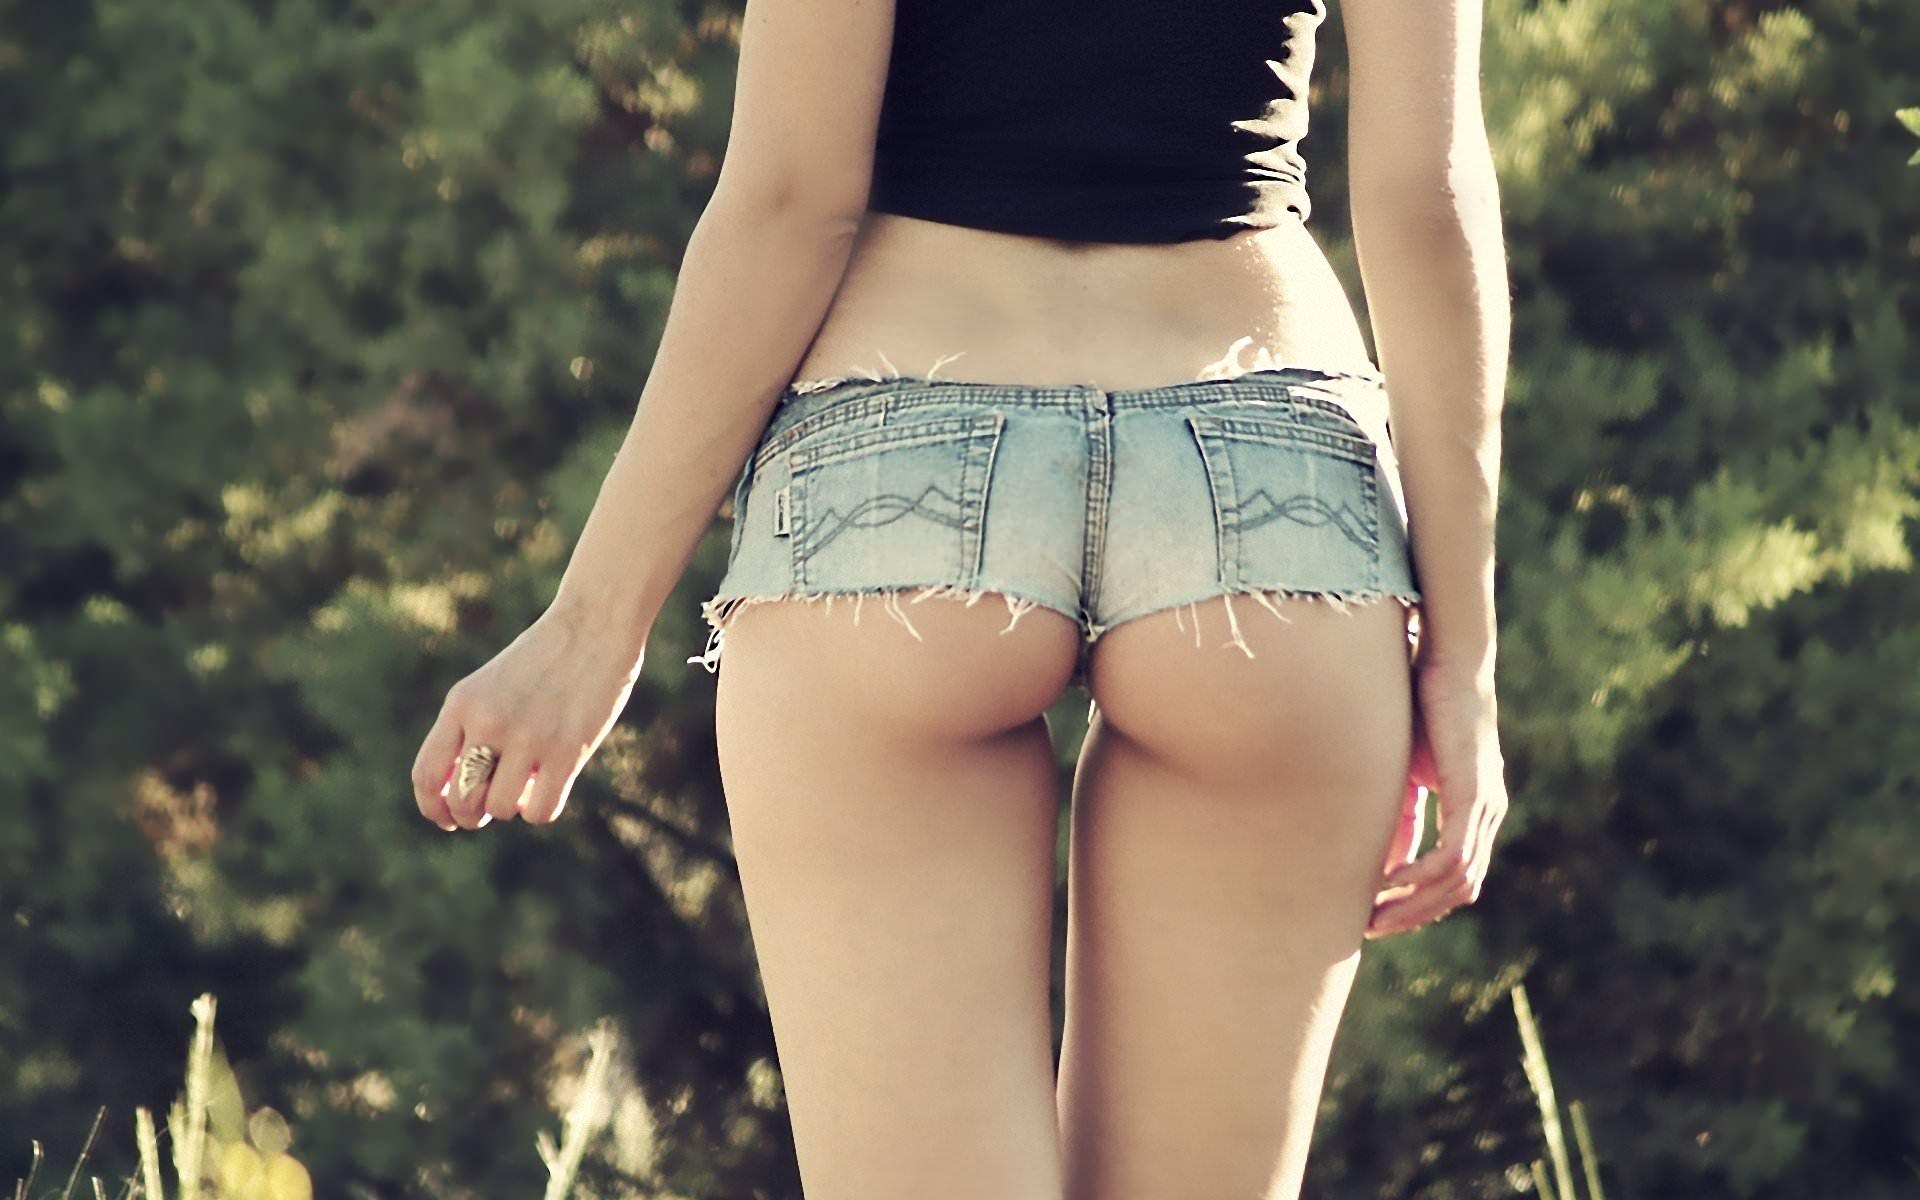 Смотреть порно как девочка с самотыком 9 фотография